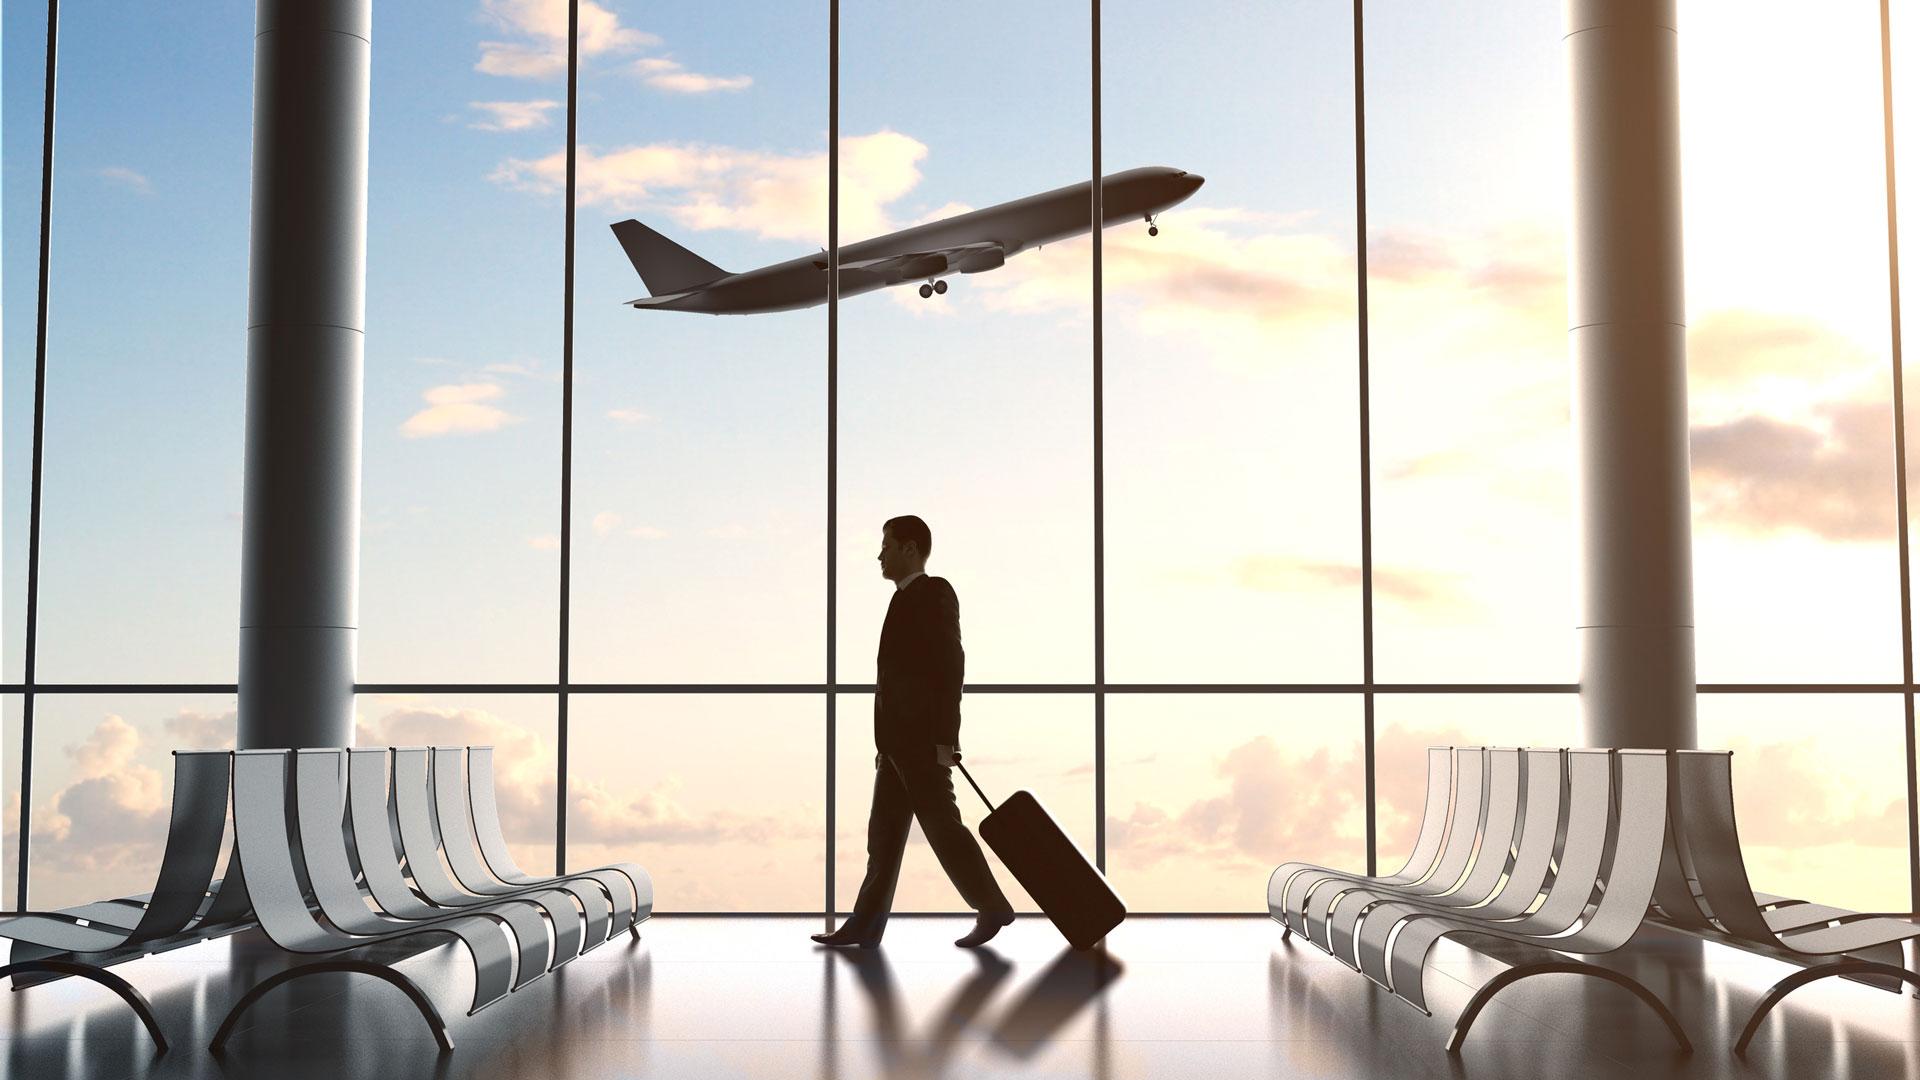 Từ vựng tiếng anh về du lịch nước ngoài - Travel abroad (phần 2)